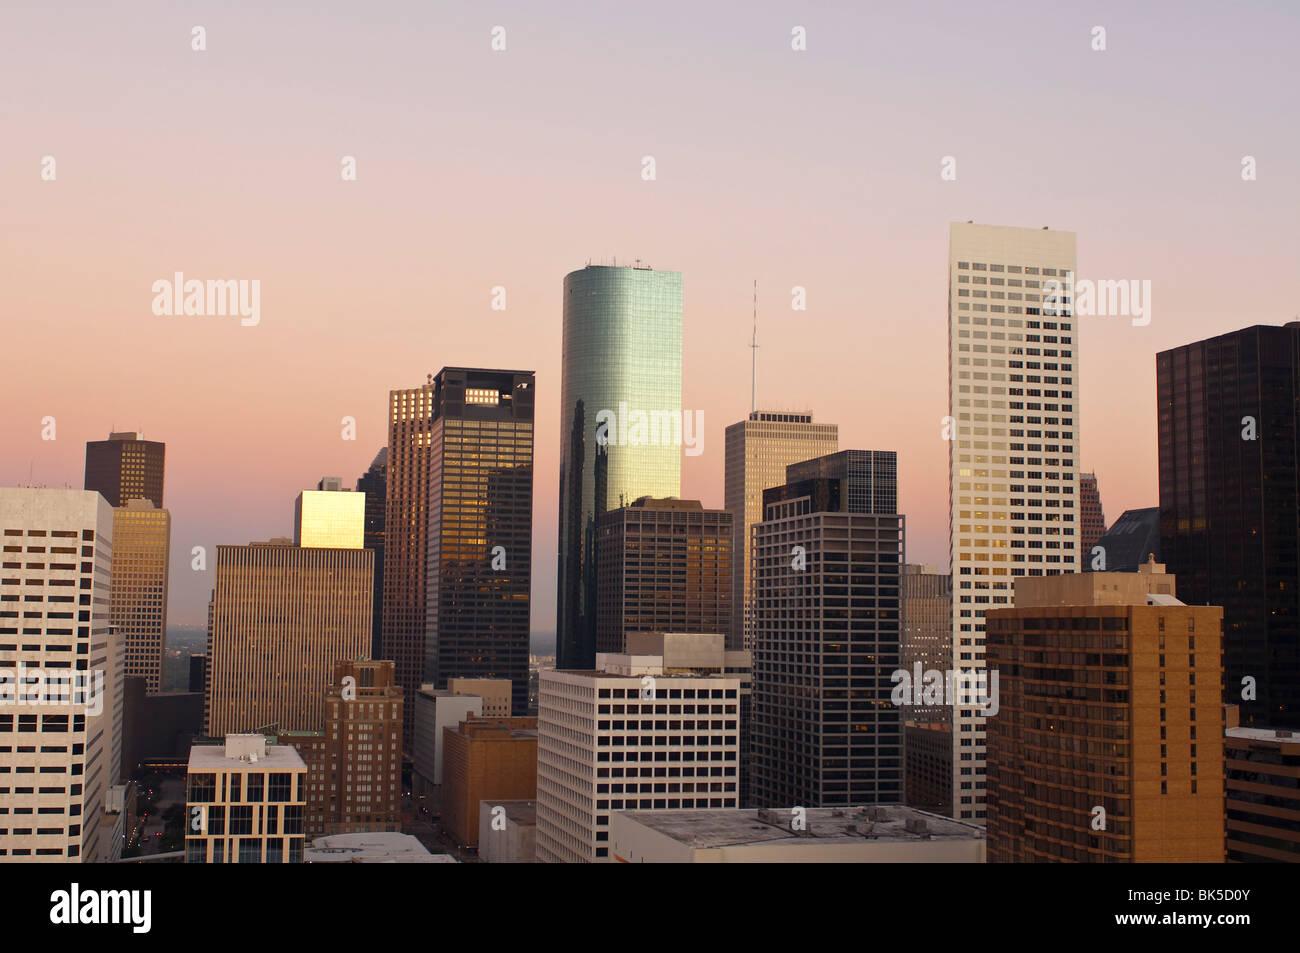 Skyline, Houston, Texas, Stati Uniti d'America, America del Nord Immagini Stock